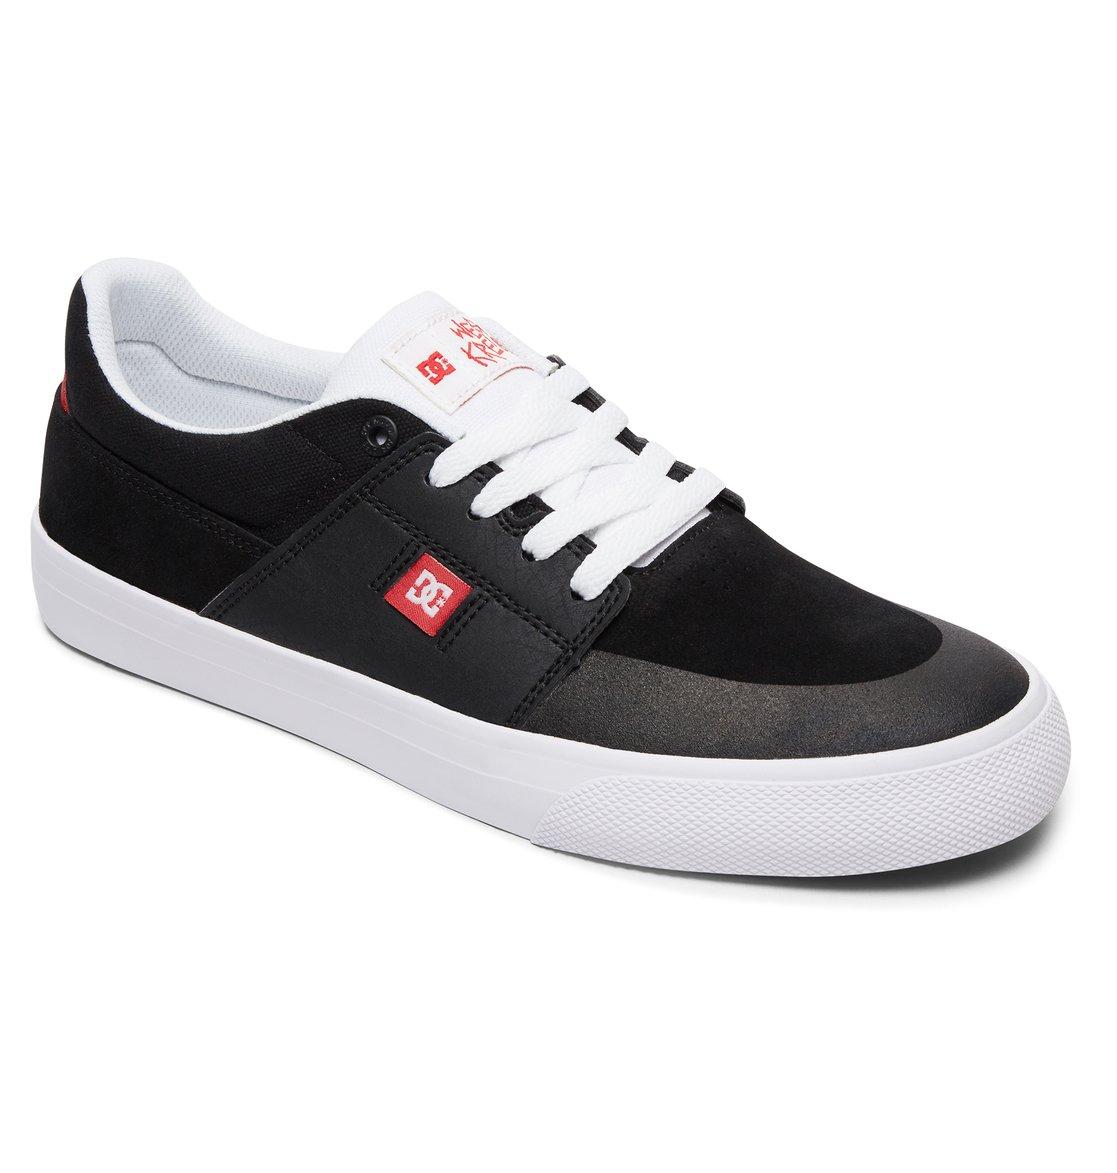 DC-Shoes-Wes-Kremer-Baskets-pour-Homme-ADYS300315 miniature 7